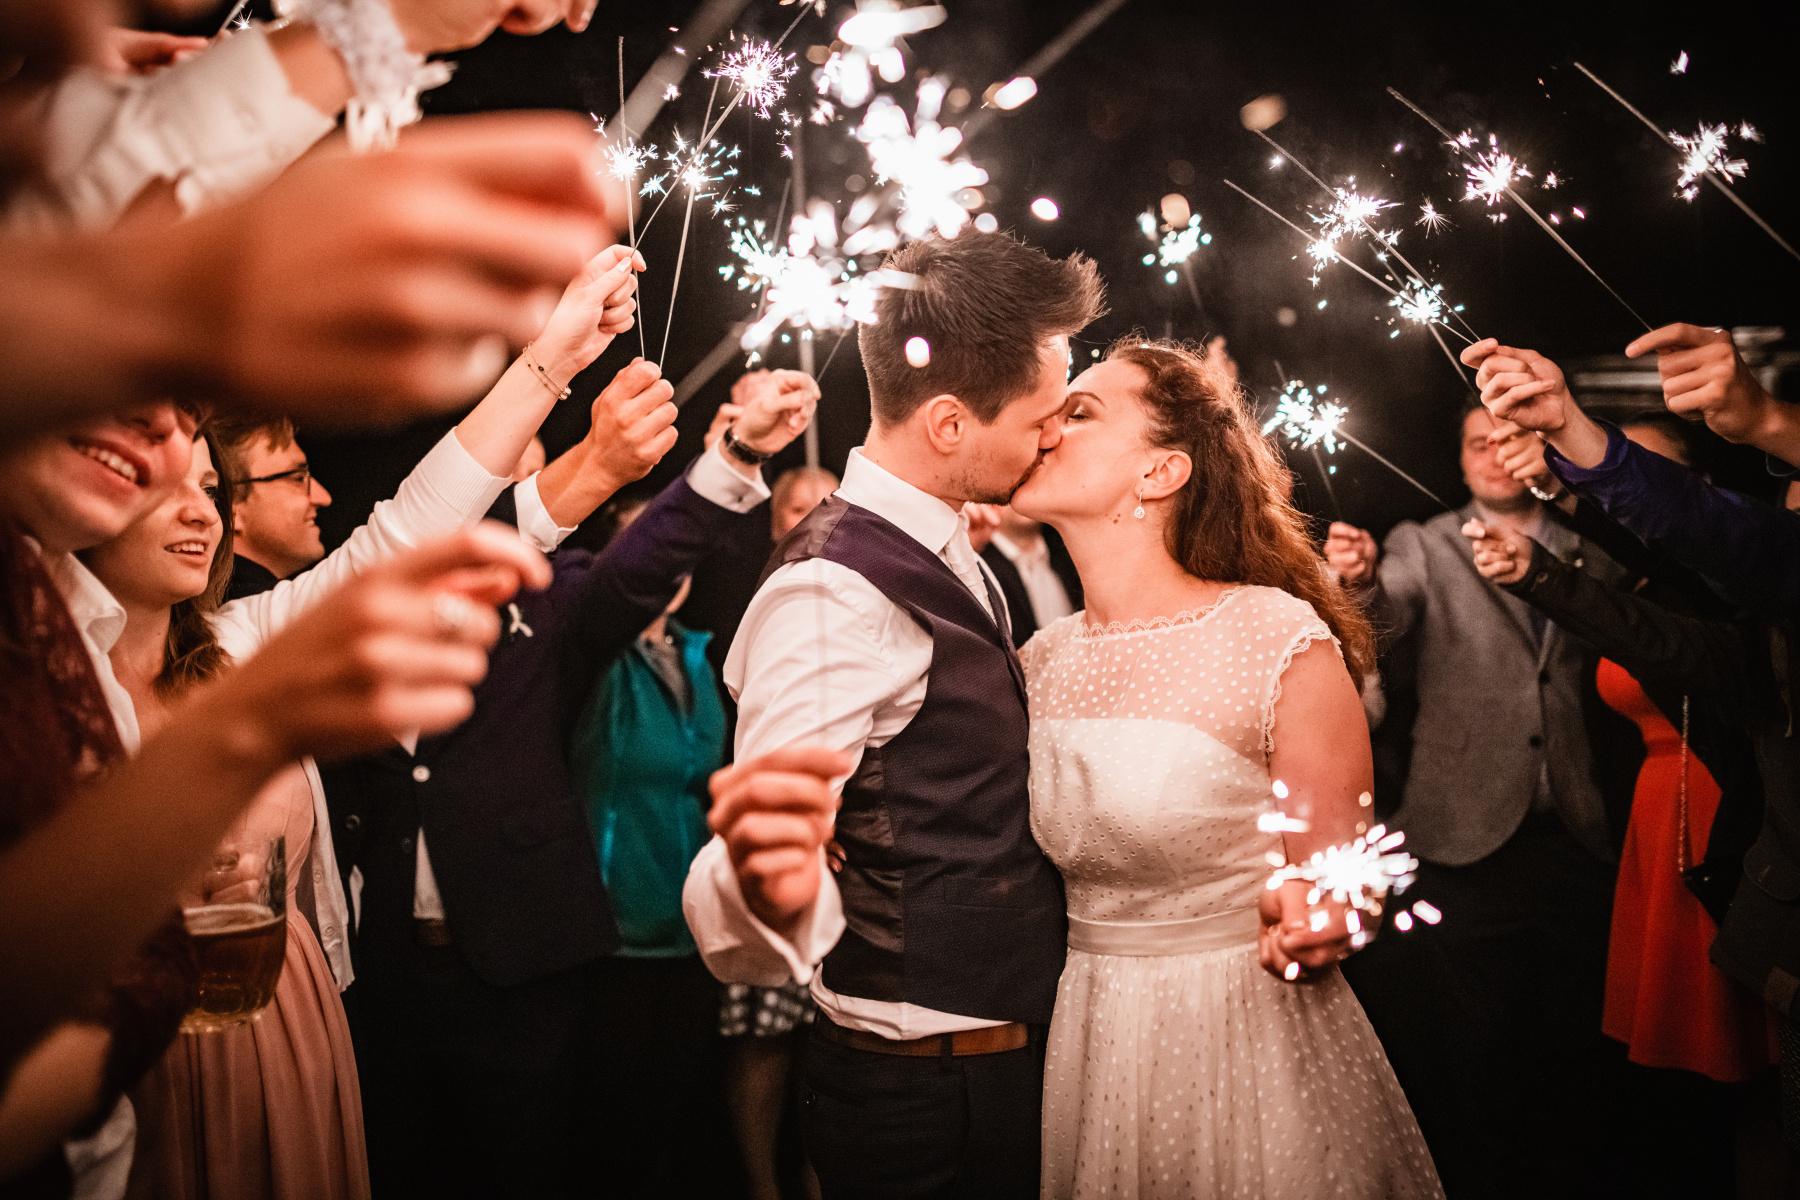 Svatební noční párové focení s prskavkami